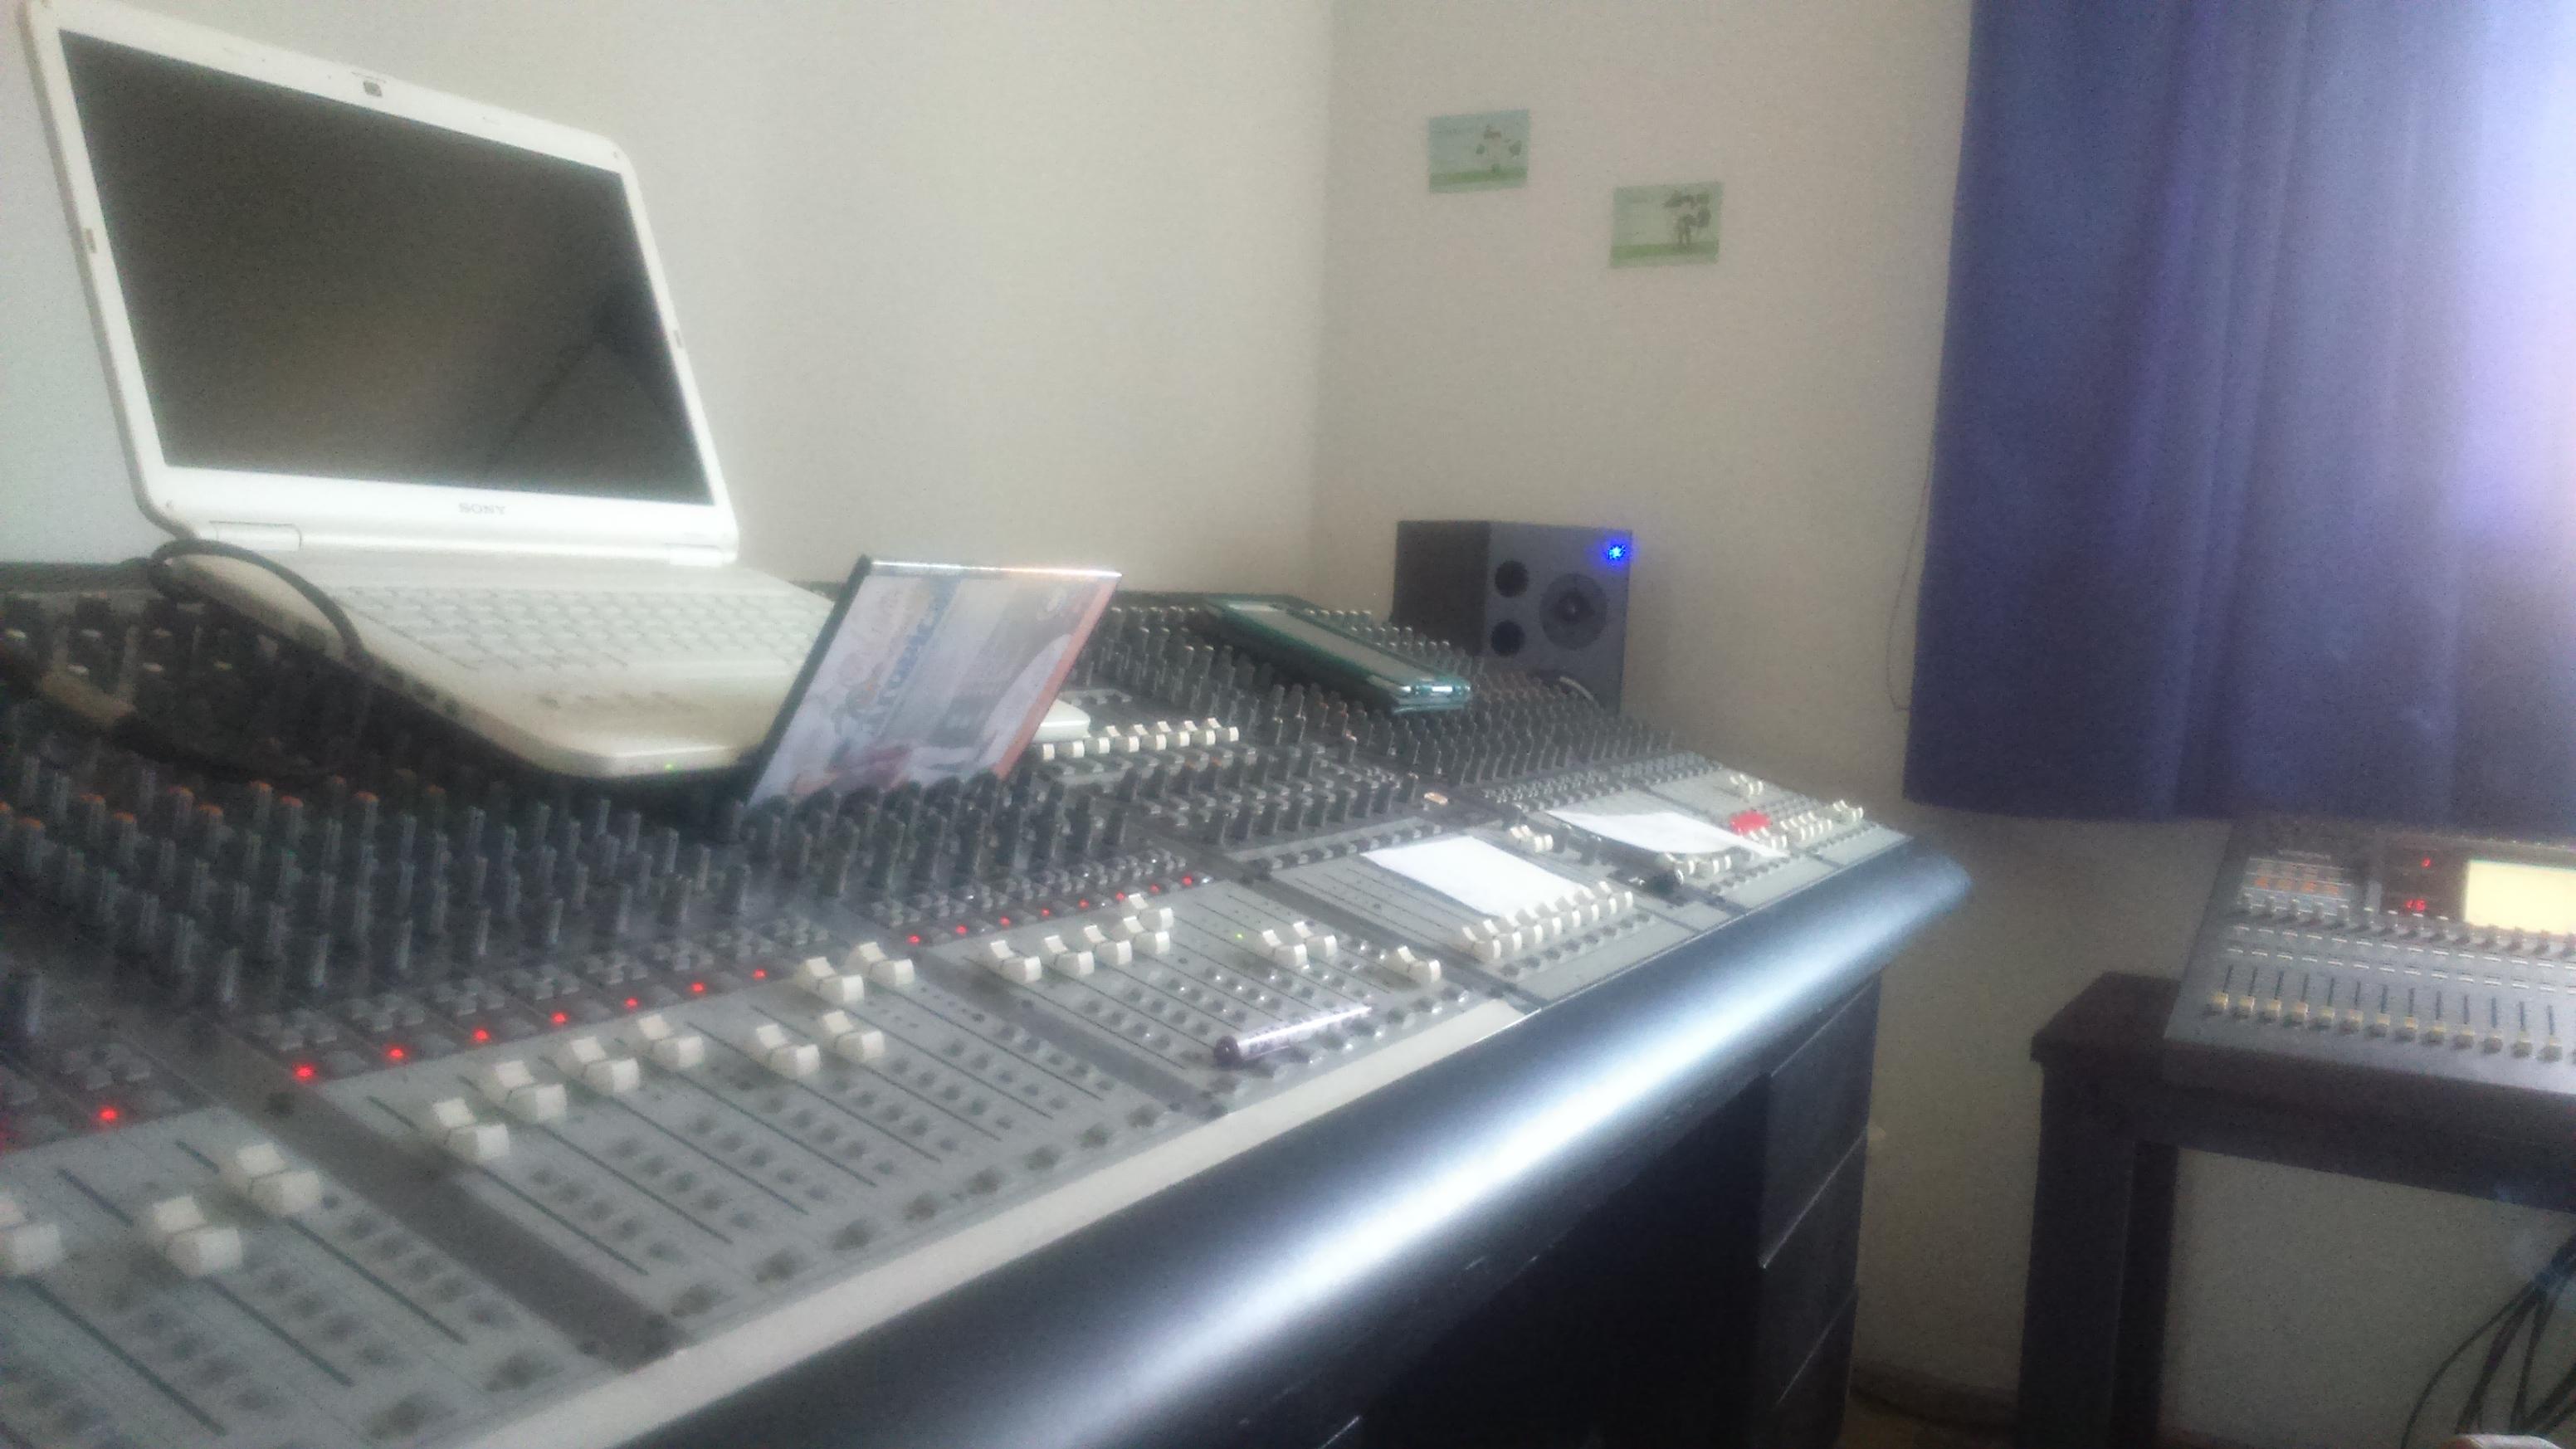 mys escuela de música y sonido